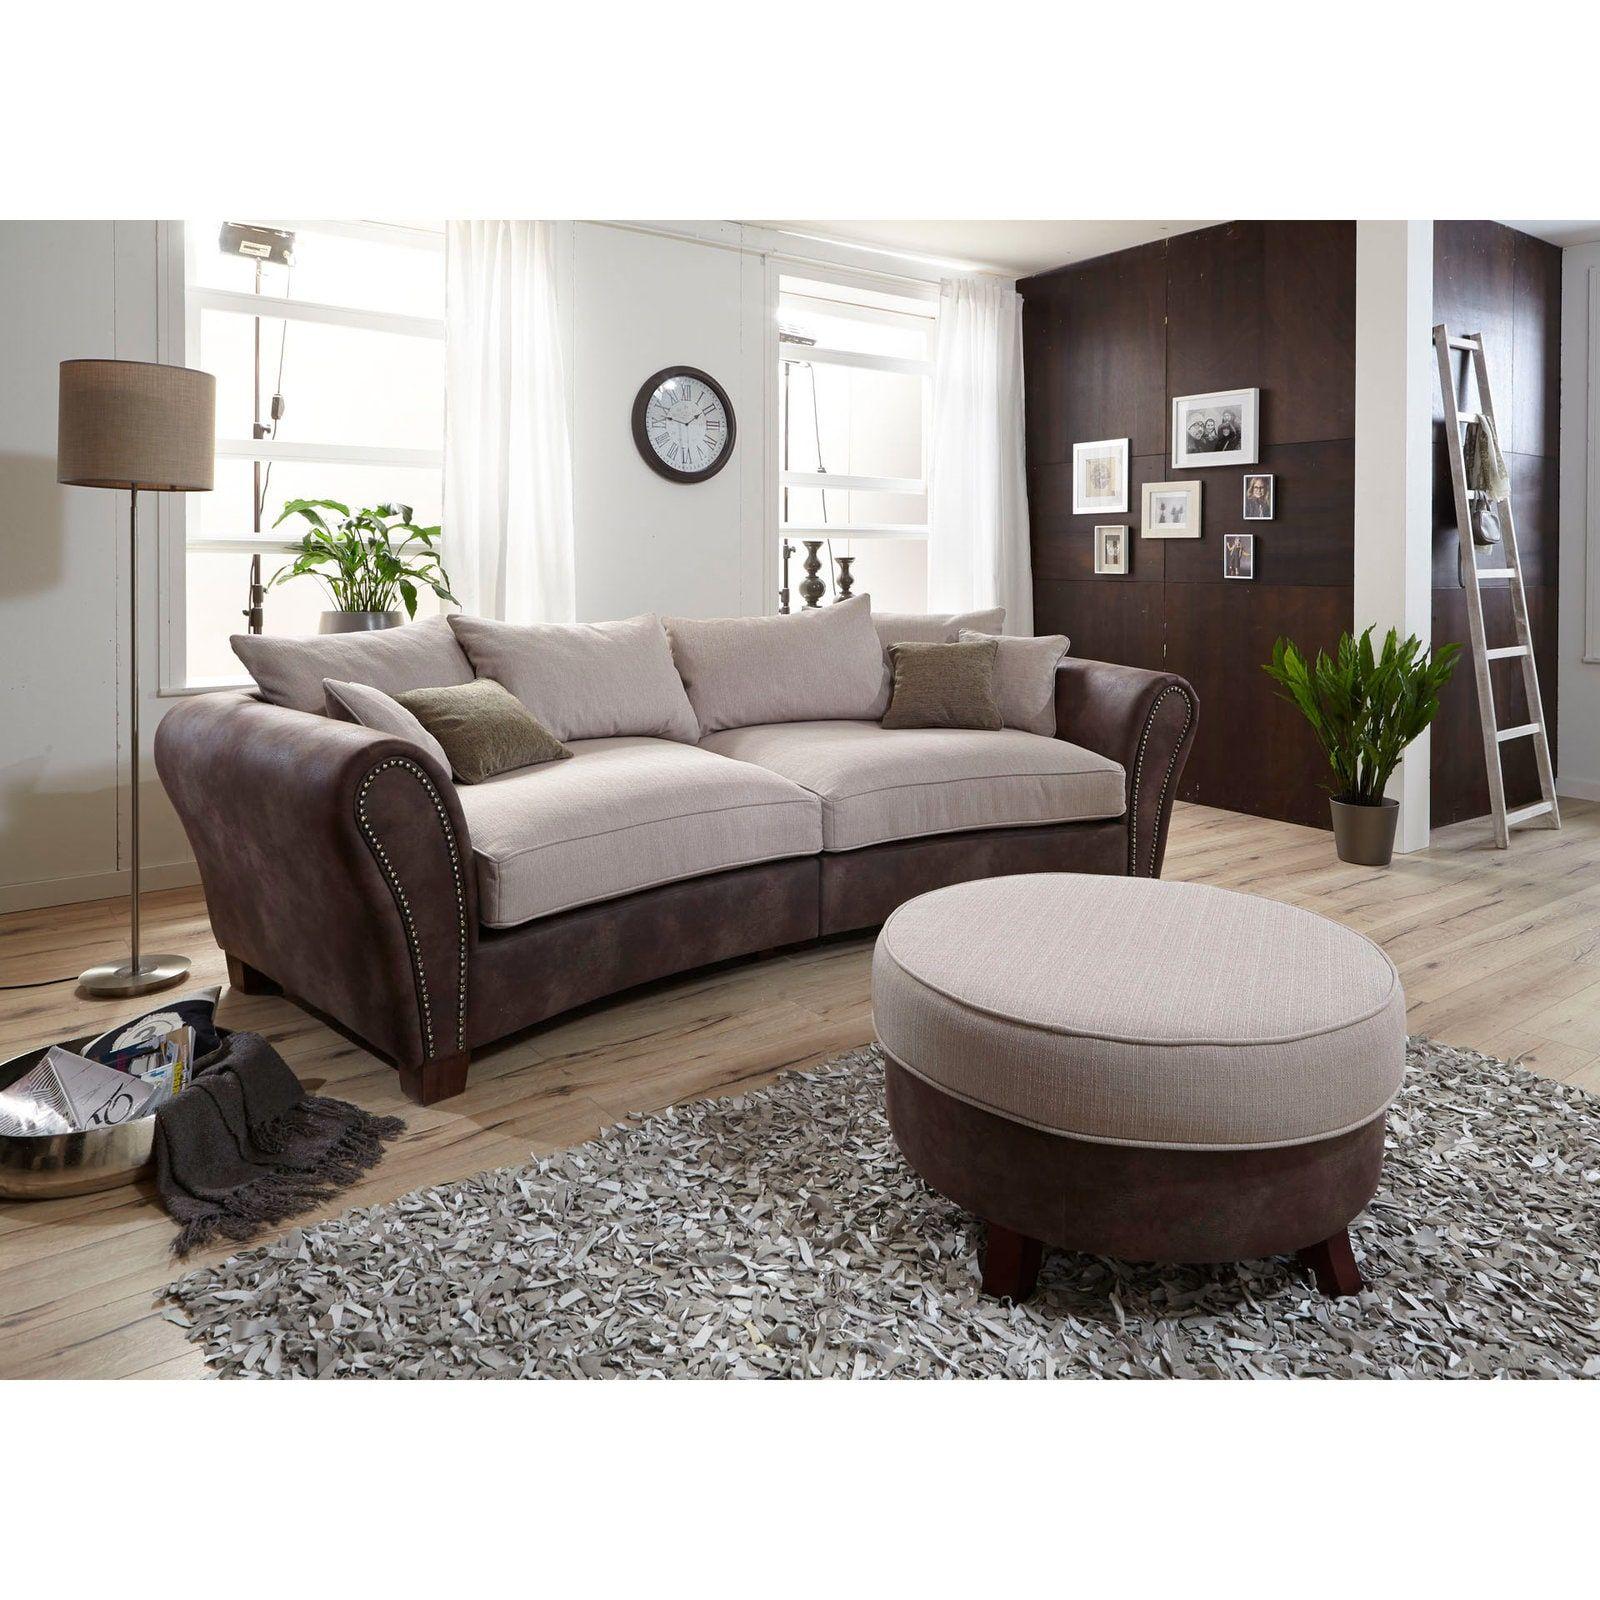 Full Size of Big Sofa L Form Roller Bei Sam Grau Kolonialstil Couch Toronto Wunderschnes Mit Dekorativen Zierngeln In Den Armlehnen Schlaffunktion Chesterfield Günstig Wohnzimmer Big Sofa Roller